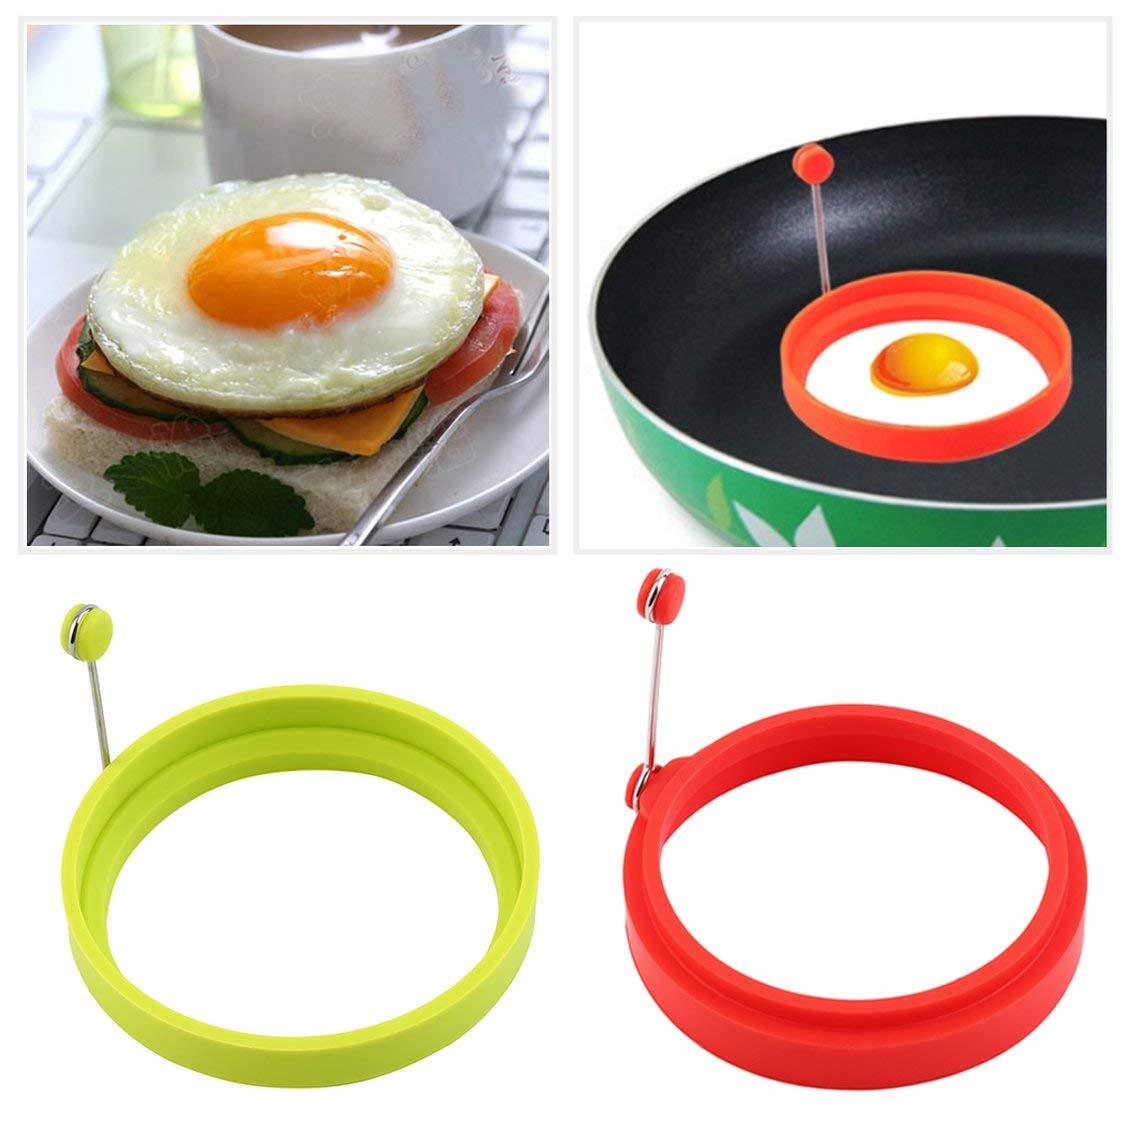 Pgige Silicona Huevo Frito Panqueque Anillo Tortilla Huevo Frito Molde Redondo Huevos Molde para cocinar Desayuno Sart/én Horno Cocina-Verde